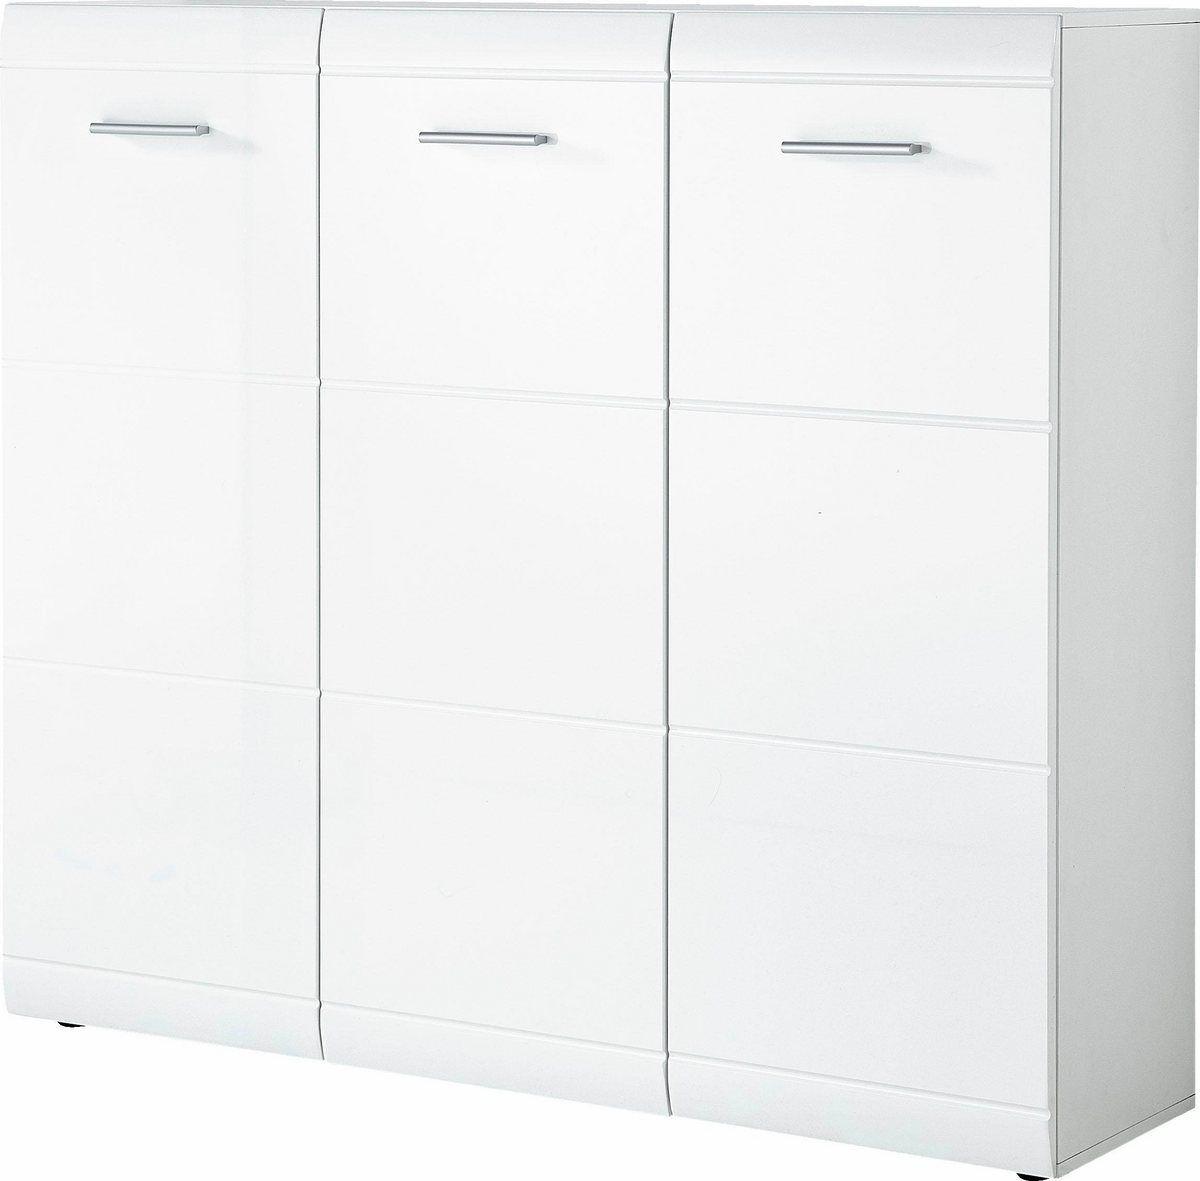 GERMANIA Schuhschrank »Adana« Breite 134 cm kaufen